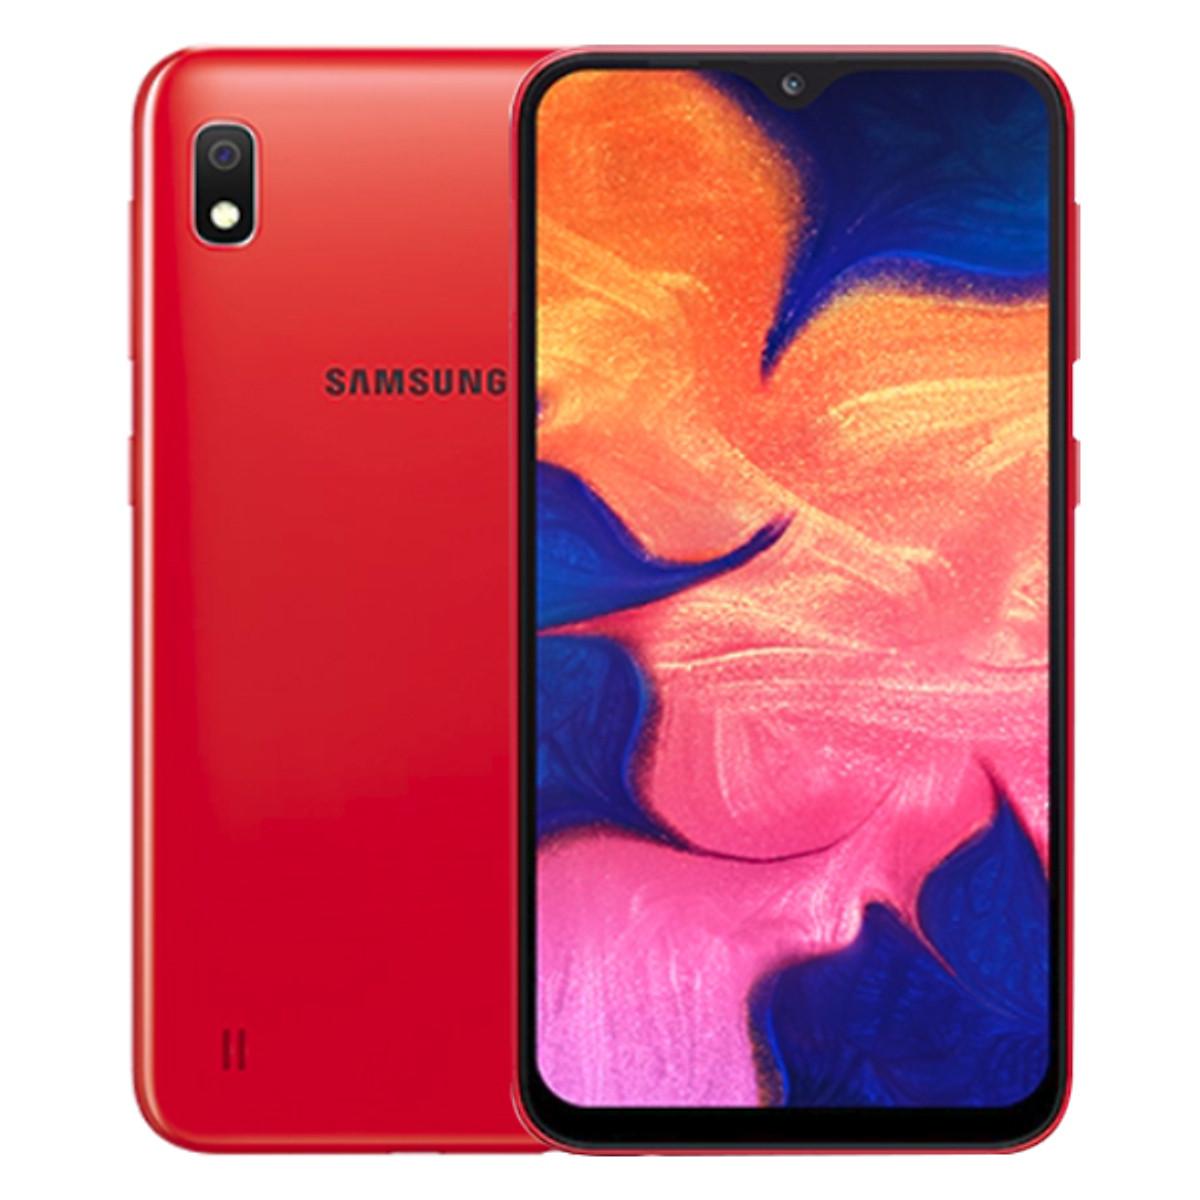 TOP Các điện thoại Samsung Galaxy giảm giá HOT - 5